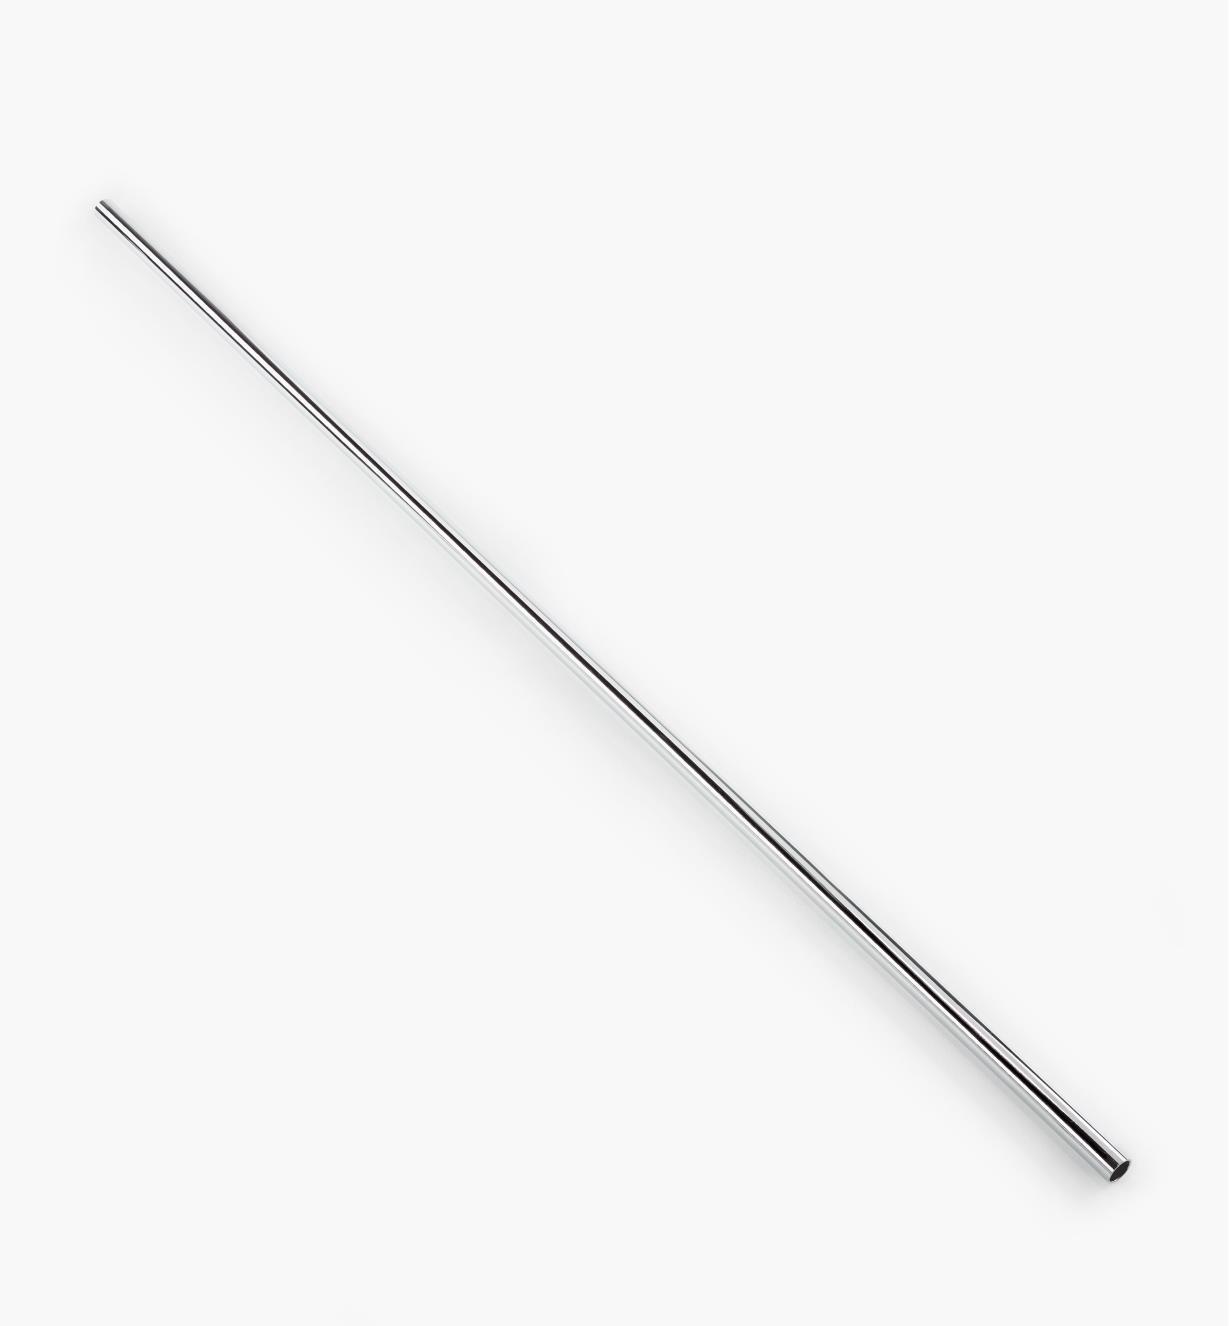 12K3402 - Tringle en acier de 1000mm, l'unité